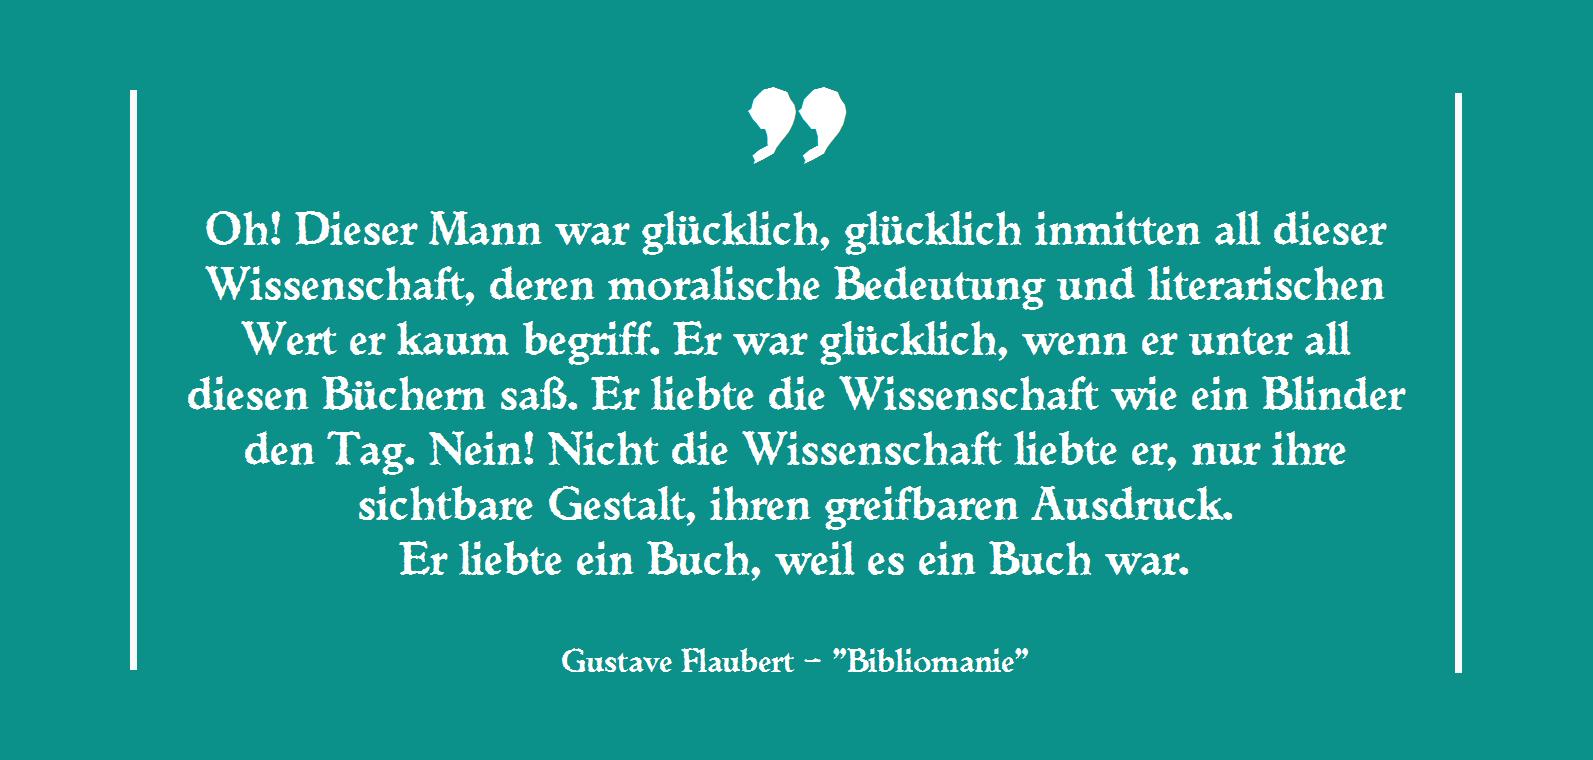 Gustave Flaubert - Bibliomanie